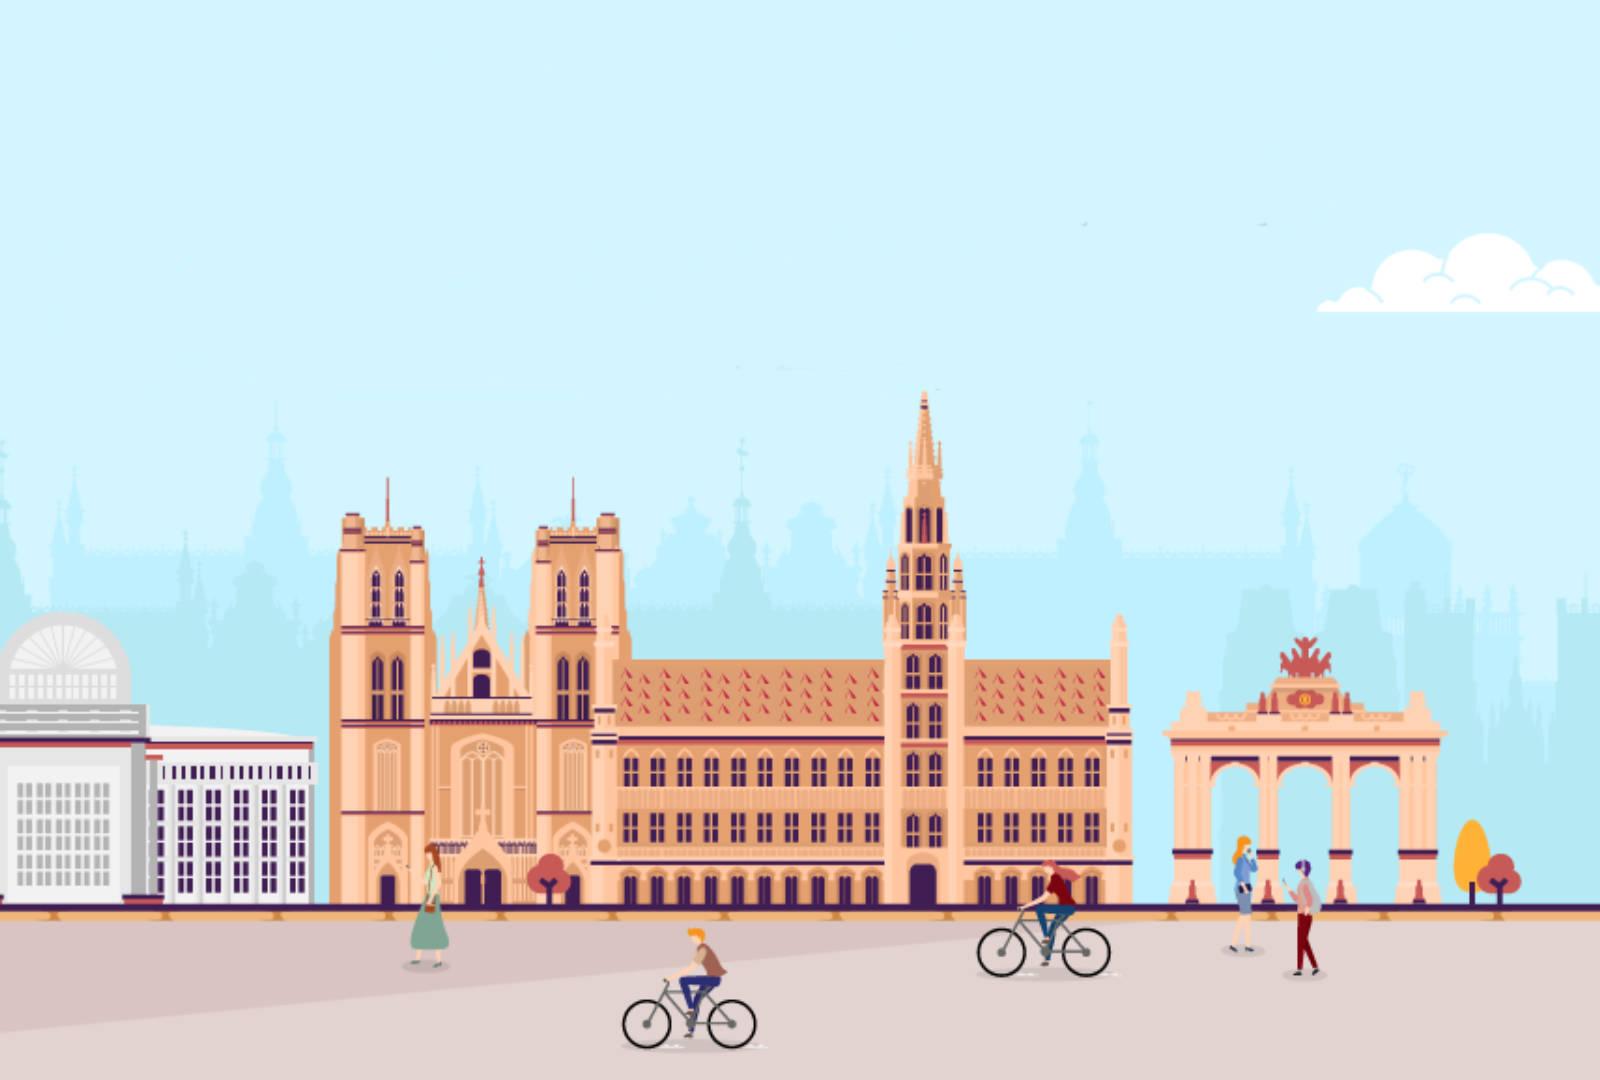 Bruxelles s'associe à la fondation Bloomberg Philanthropies pour offrir un air plus pur à ses habitants